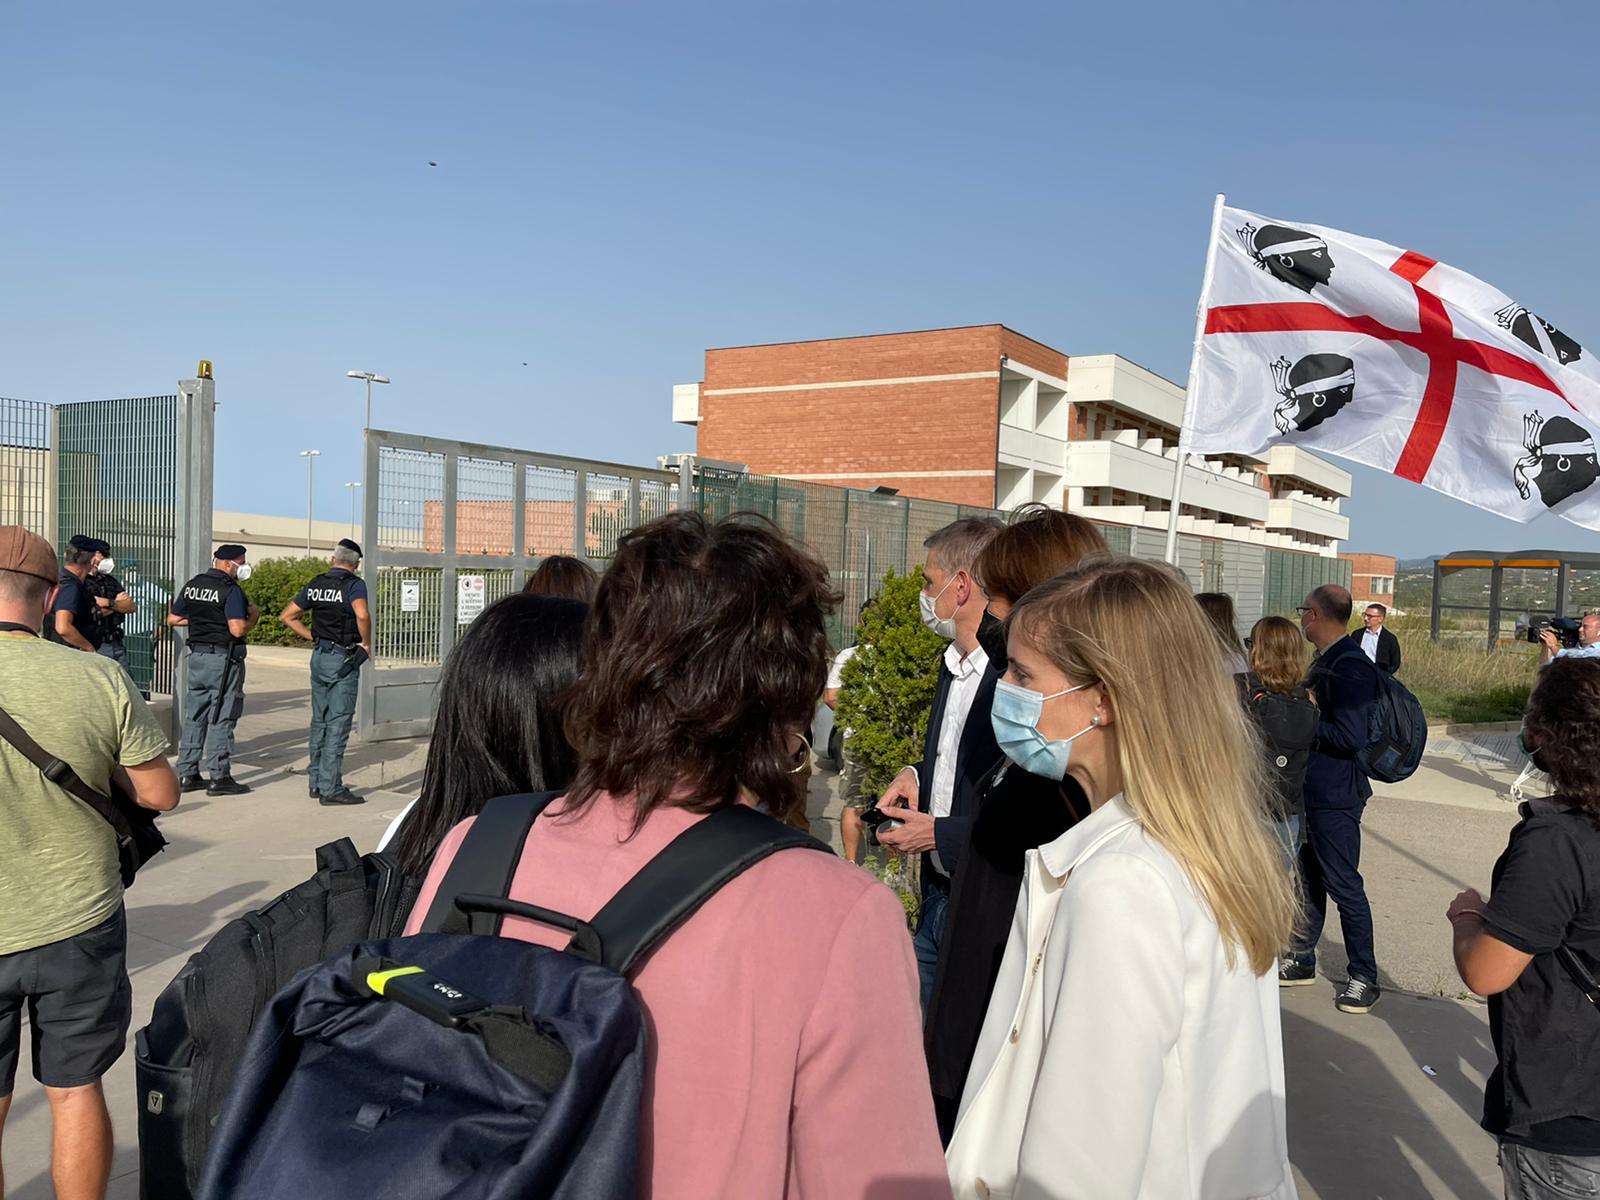 La portaveu d'ERC, Marta Vilalta, l'eurodiputada d'ERC Diana Riba, la consellera d'Exteriors, Victòria Alsina (d'esquena), la presidenta del Parlament, Laura Borràs, i el delegat de la Generalitat a Itàlia, Luca Bellizzi, esperant la sortida de Puigdemont a la presó de Sardenya / Foto: Q.S.